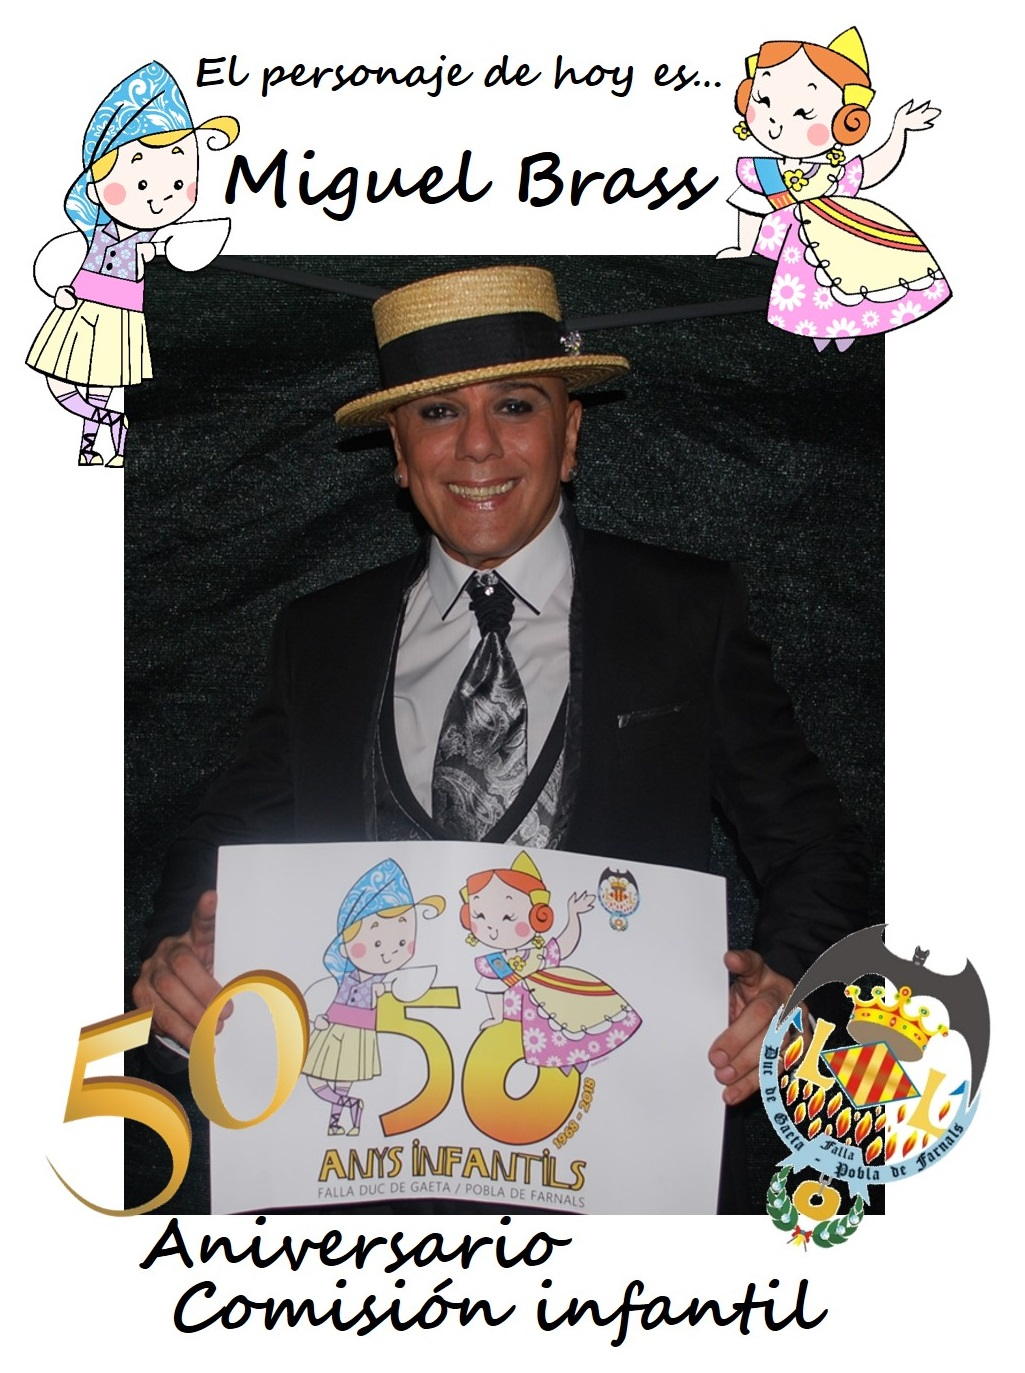 Personaje del día: Miguel Brass